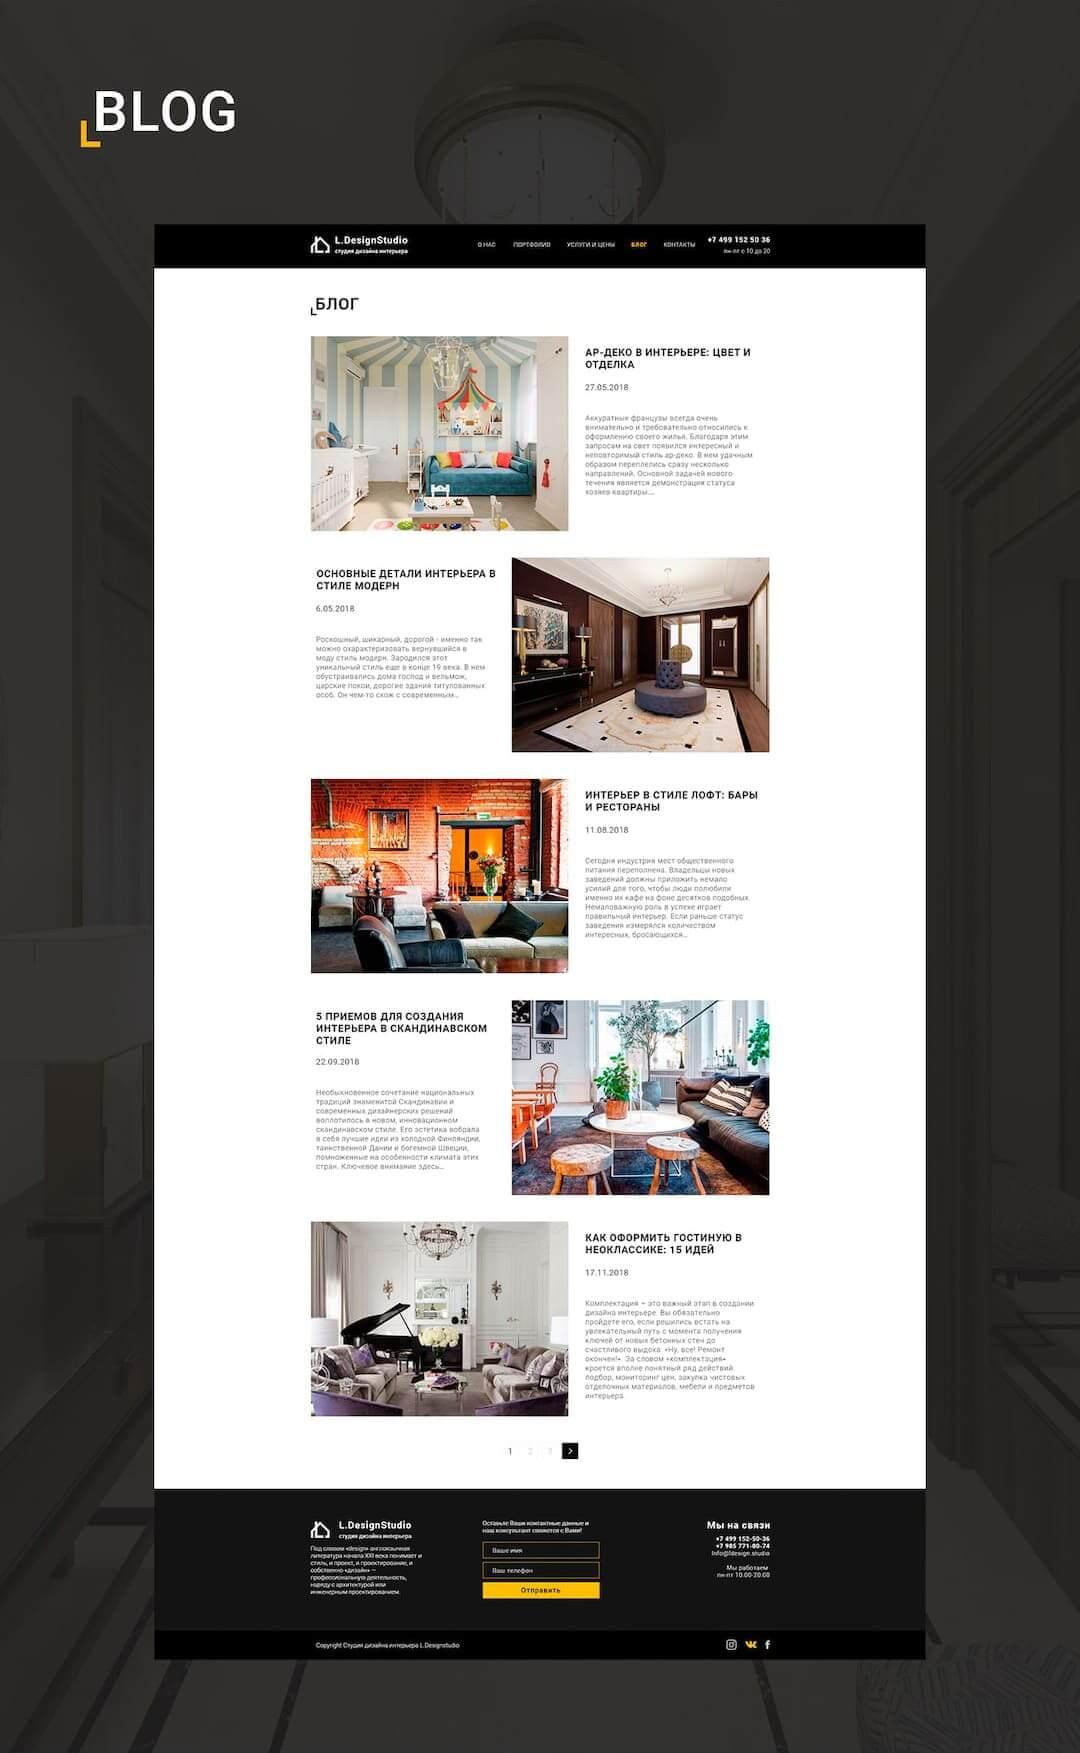 Разработка дизайна сайта для ldesign.studio